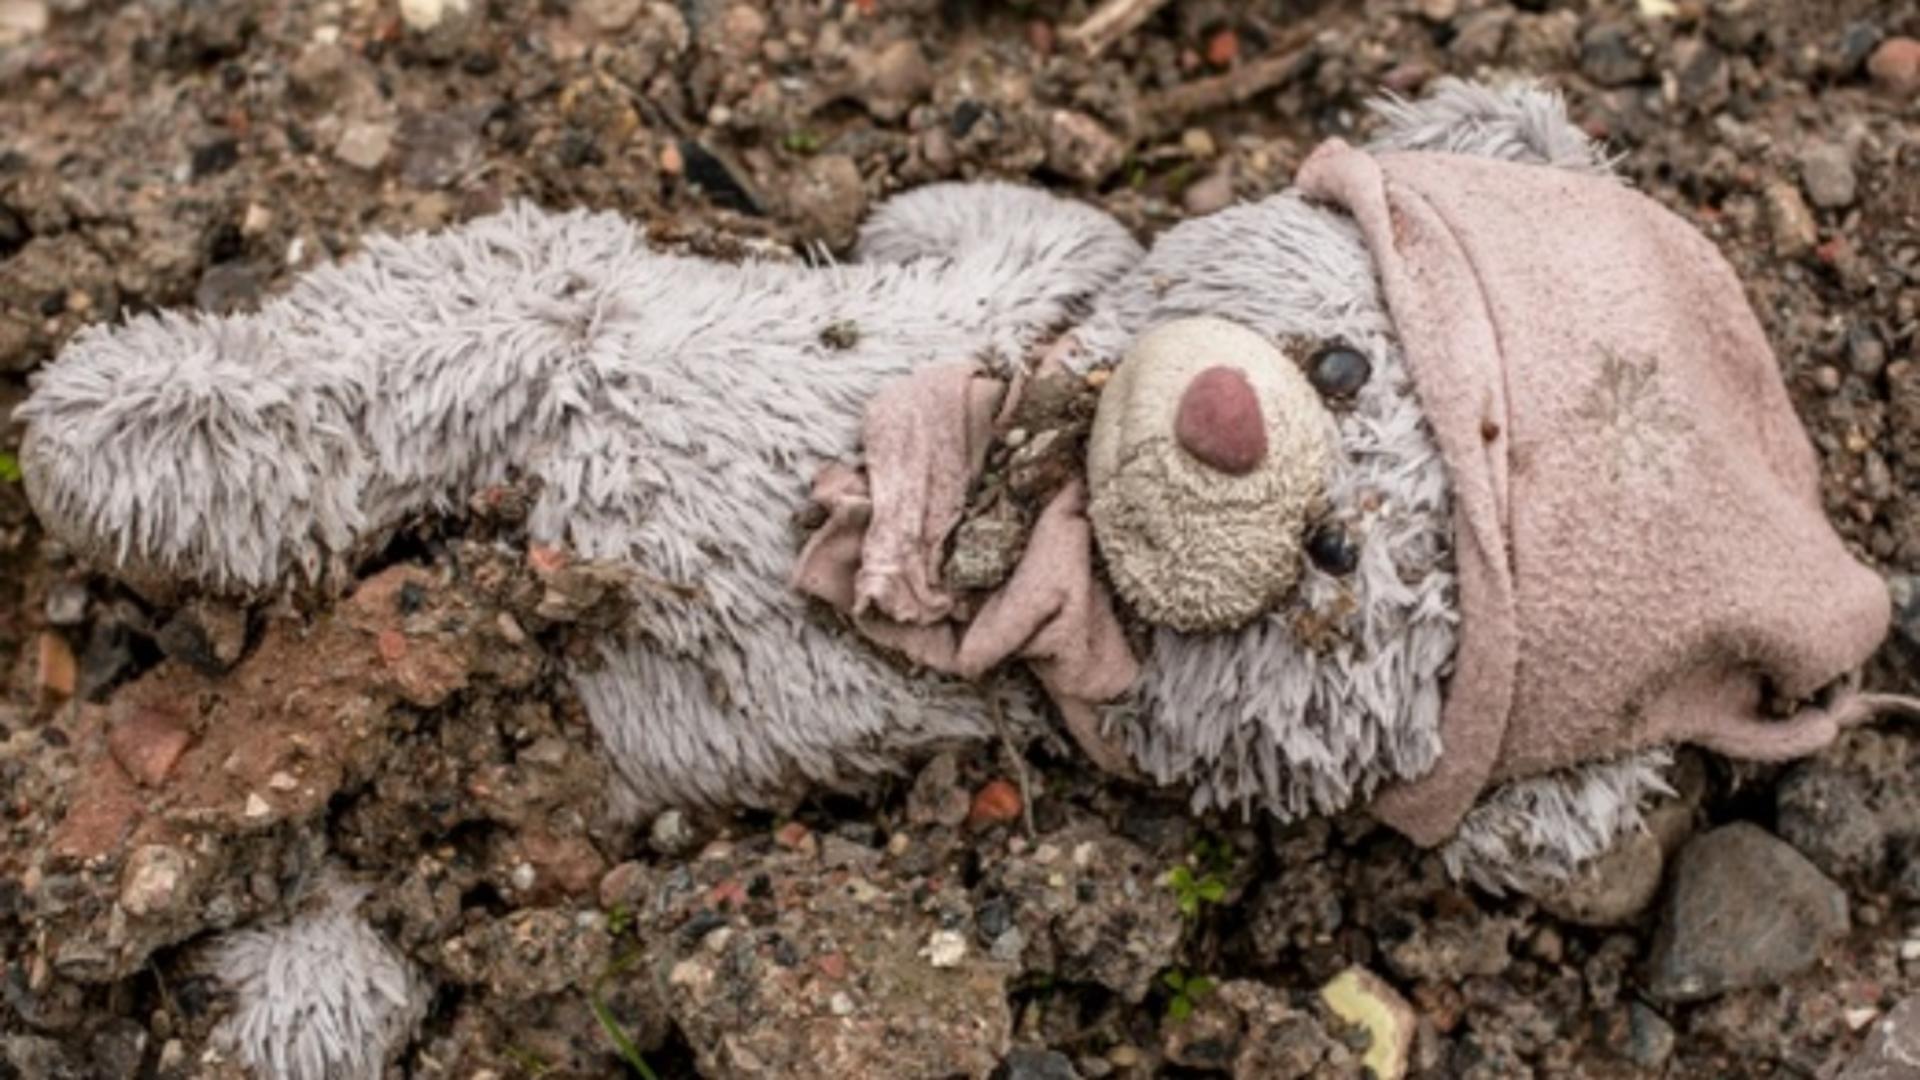 Condamnare record, în România, pentru un pedofil care a profitat de o fetiță de 12 ani